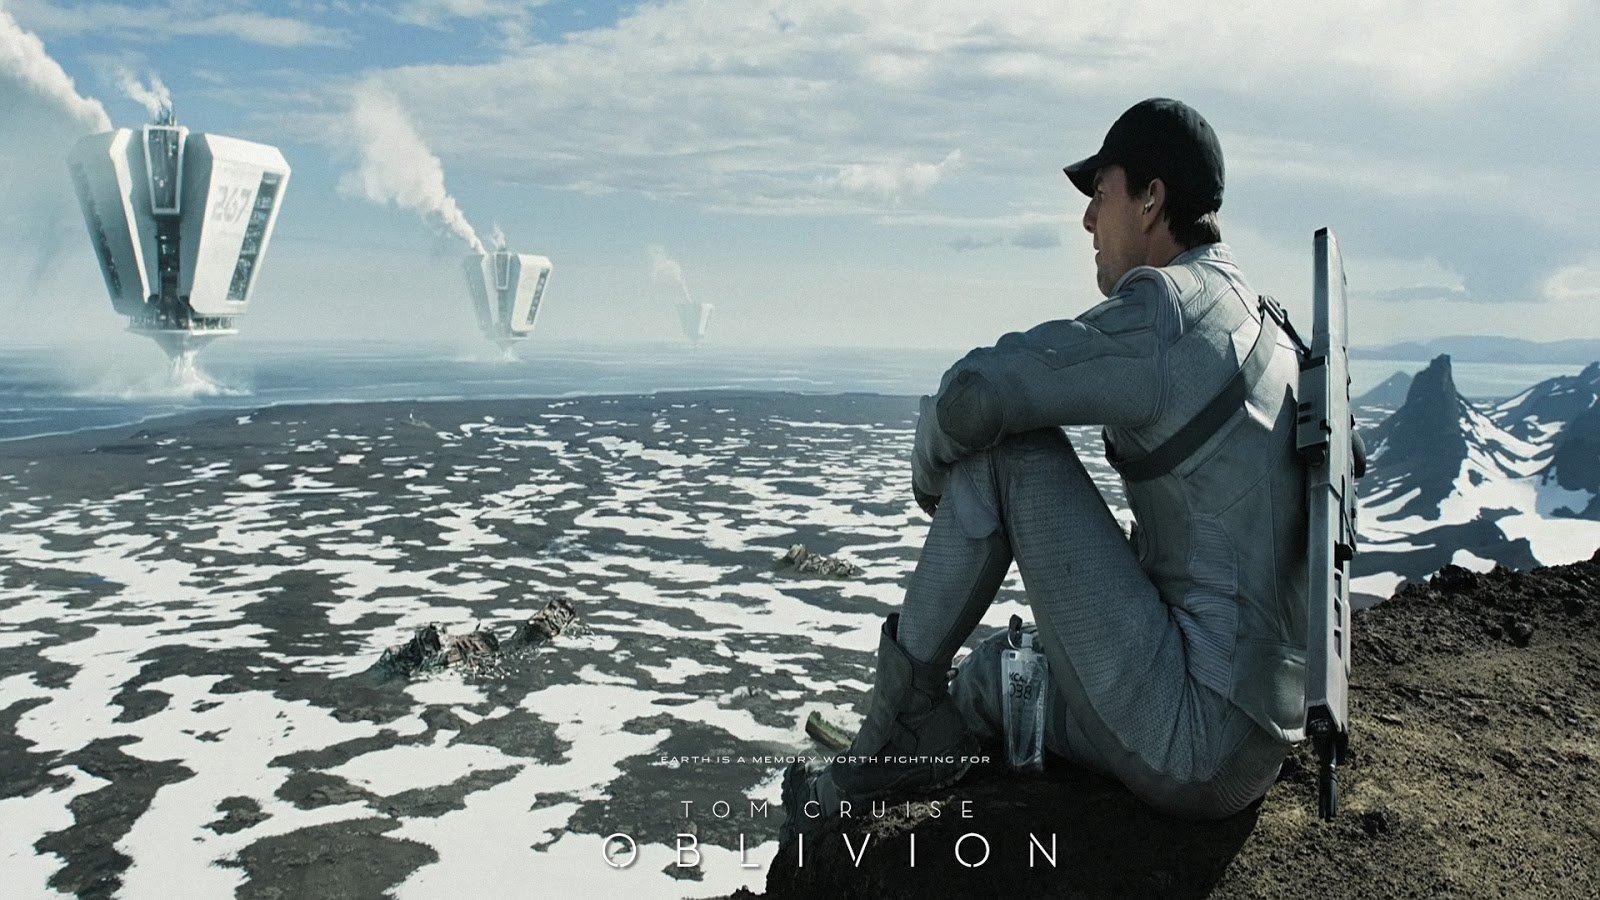 Пост-обсуждение фильма #обливион   В целом фильм понравился. У него какая-то спокойная атмосфера постапокалипсиса,  ... - Изображение 1